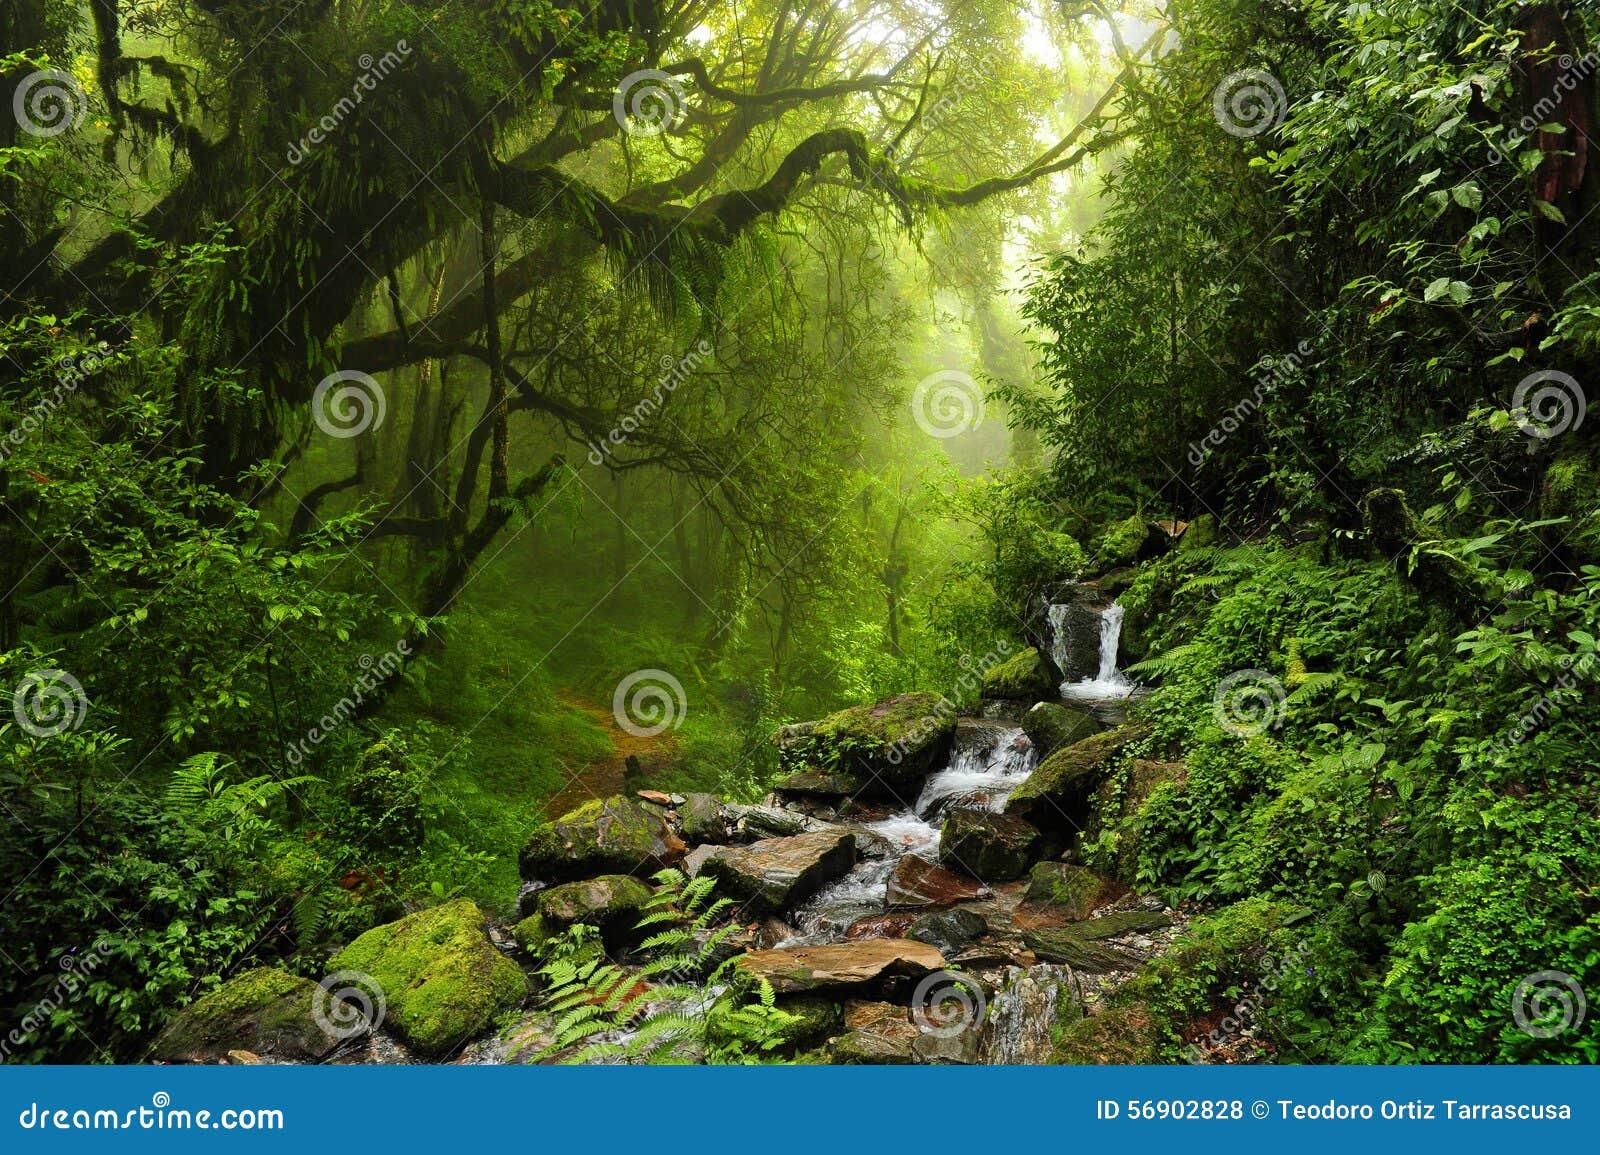 Nepal jungle